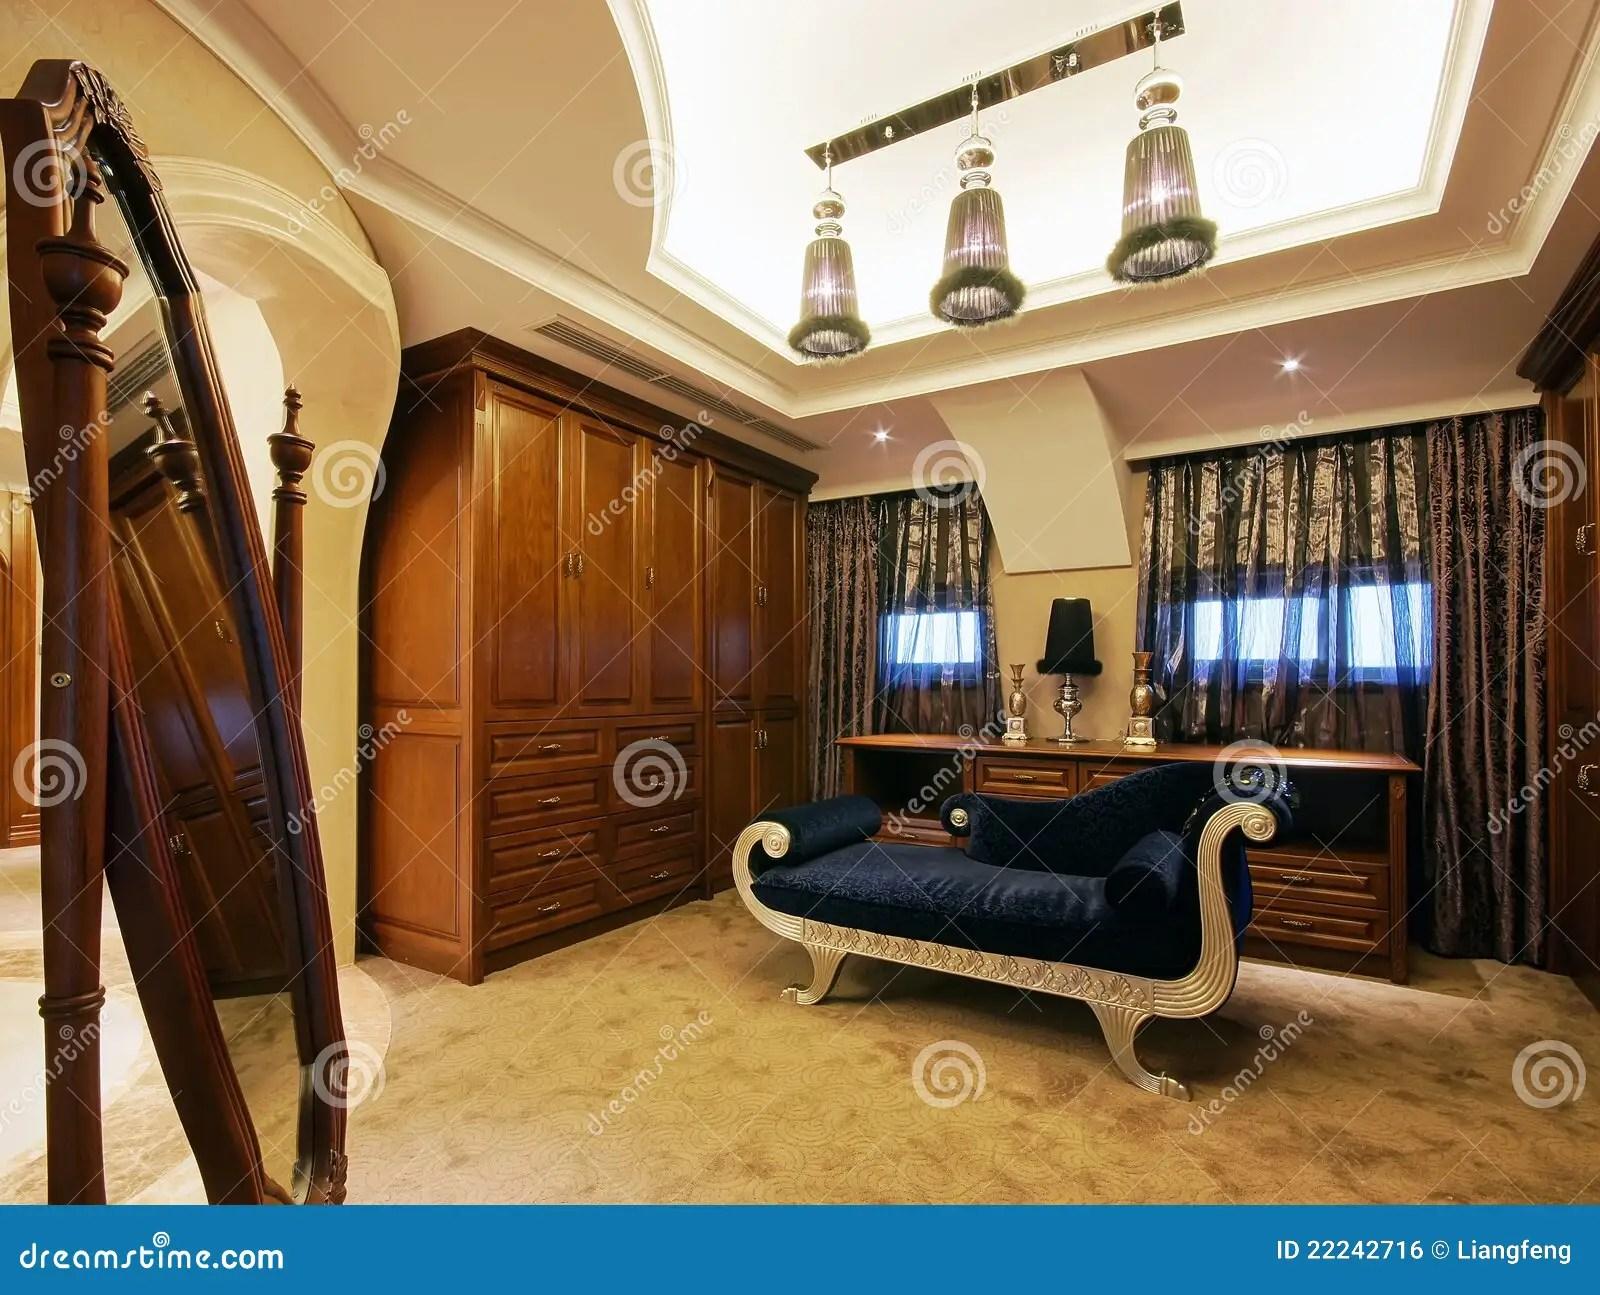 Schlafzimmer Teppich Bettwsche Bassetti Reduziert Schimmel Im Schlafzimmer Kann Ich Miete